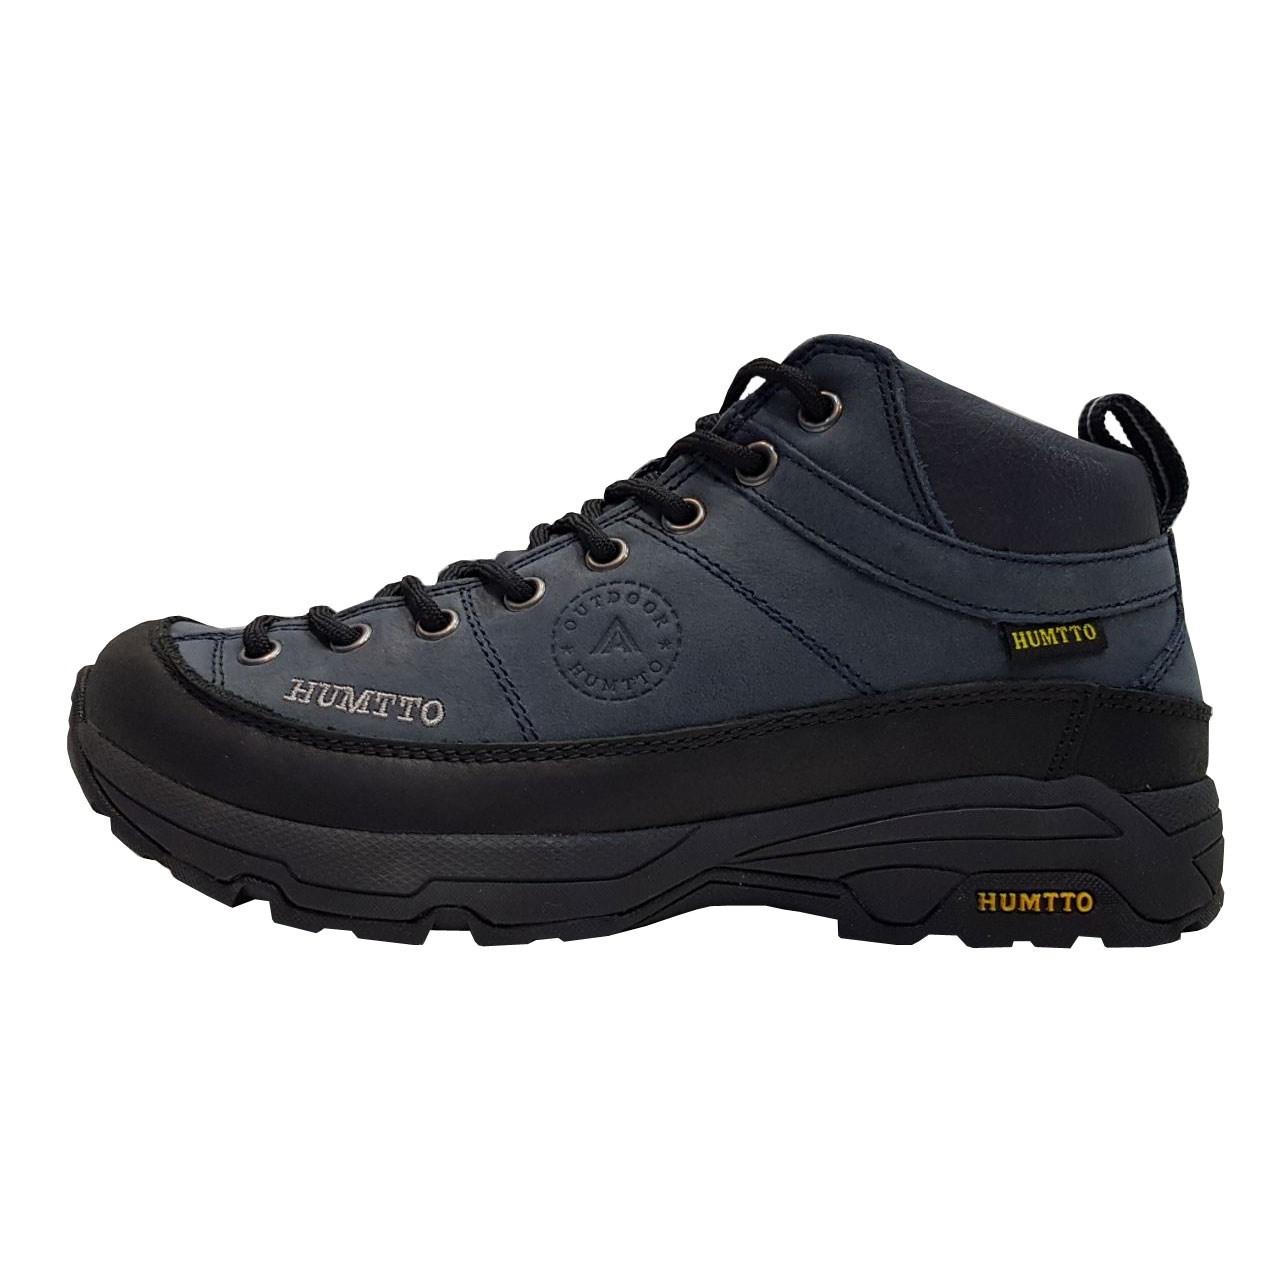 کفش کوهنوردی زنانه هامتو مدل H-3219-T